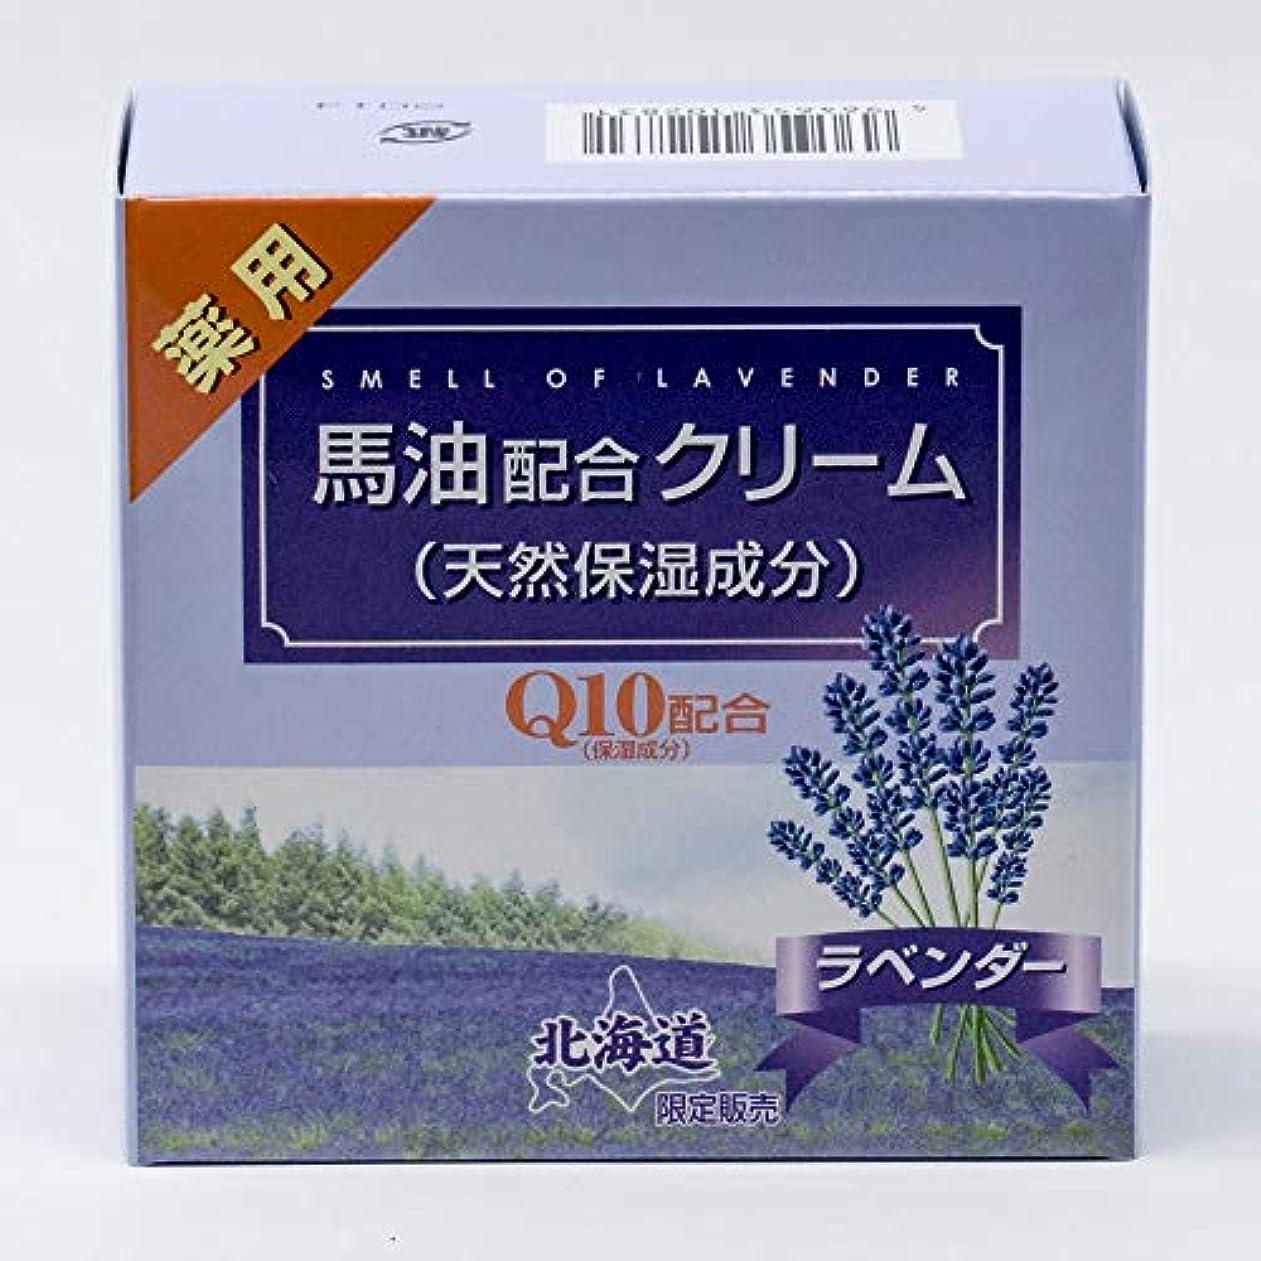 アシストローマ人今まで薬用 馬油配合クリーム ラベンダーの香り 保湿成分Q10配合